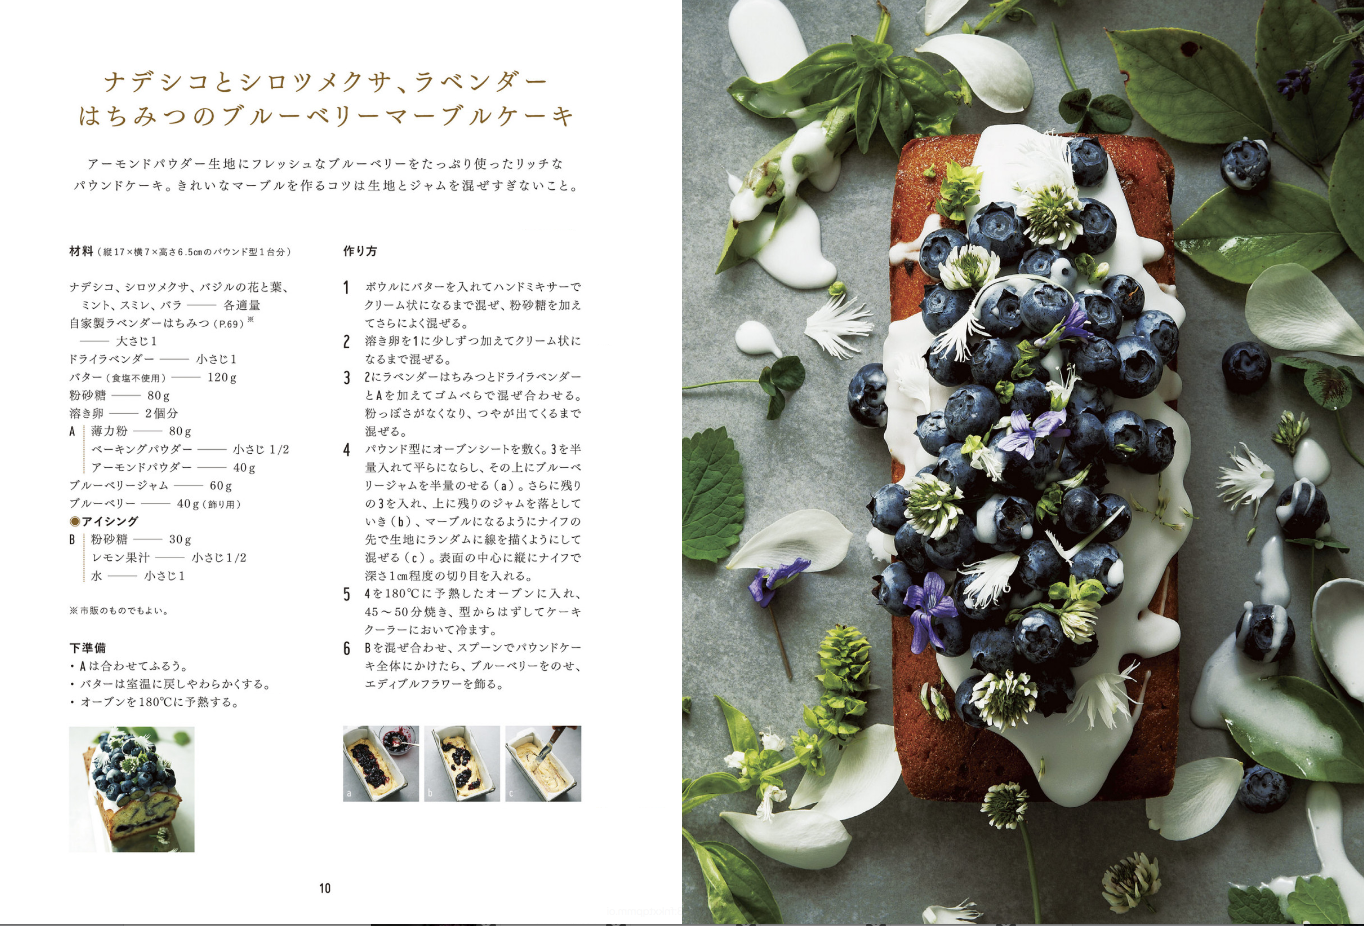 [書籍]FLOWER SWEETS エディブルフラワーでつくるロマンチックな大人スイーツ - 画像2